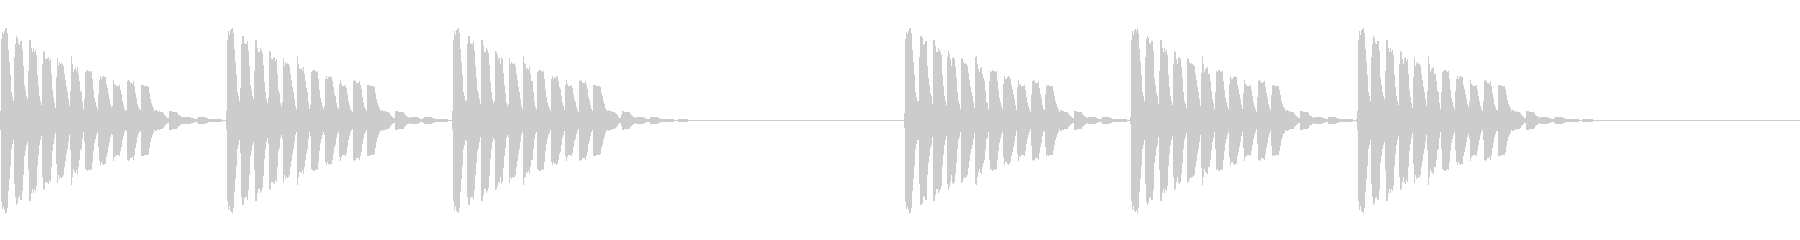 未来的・着信音・通知音・アラーム4の未再生の波形